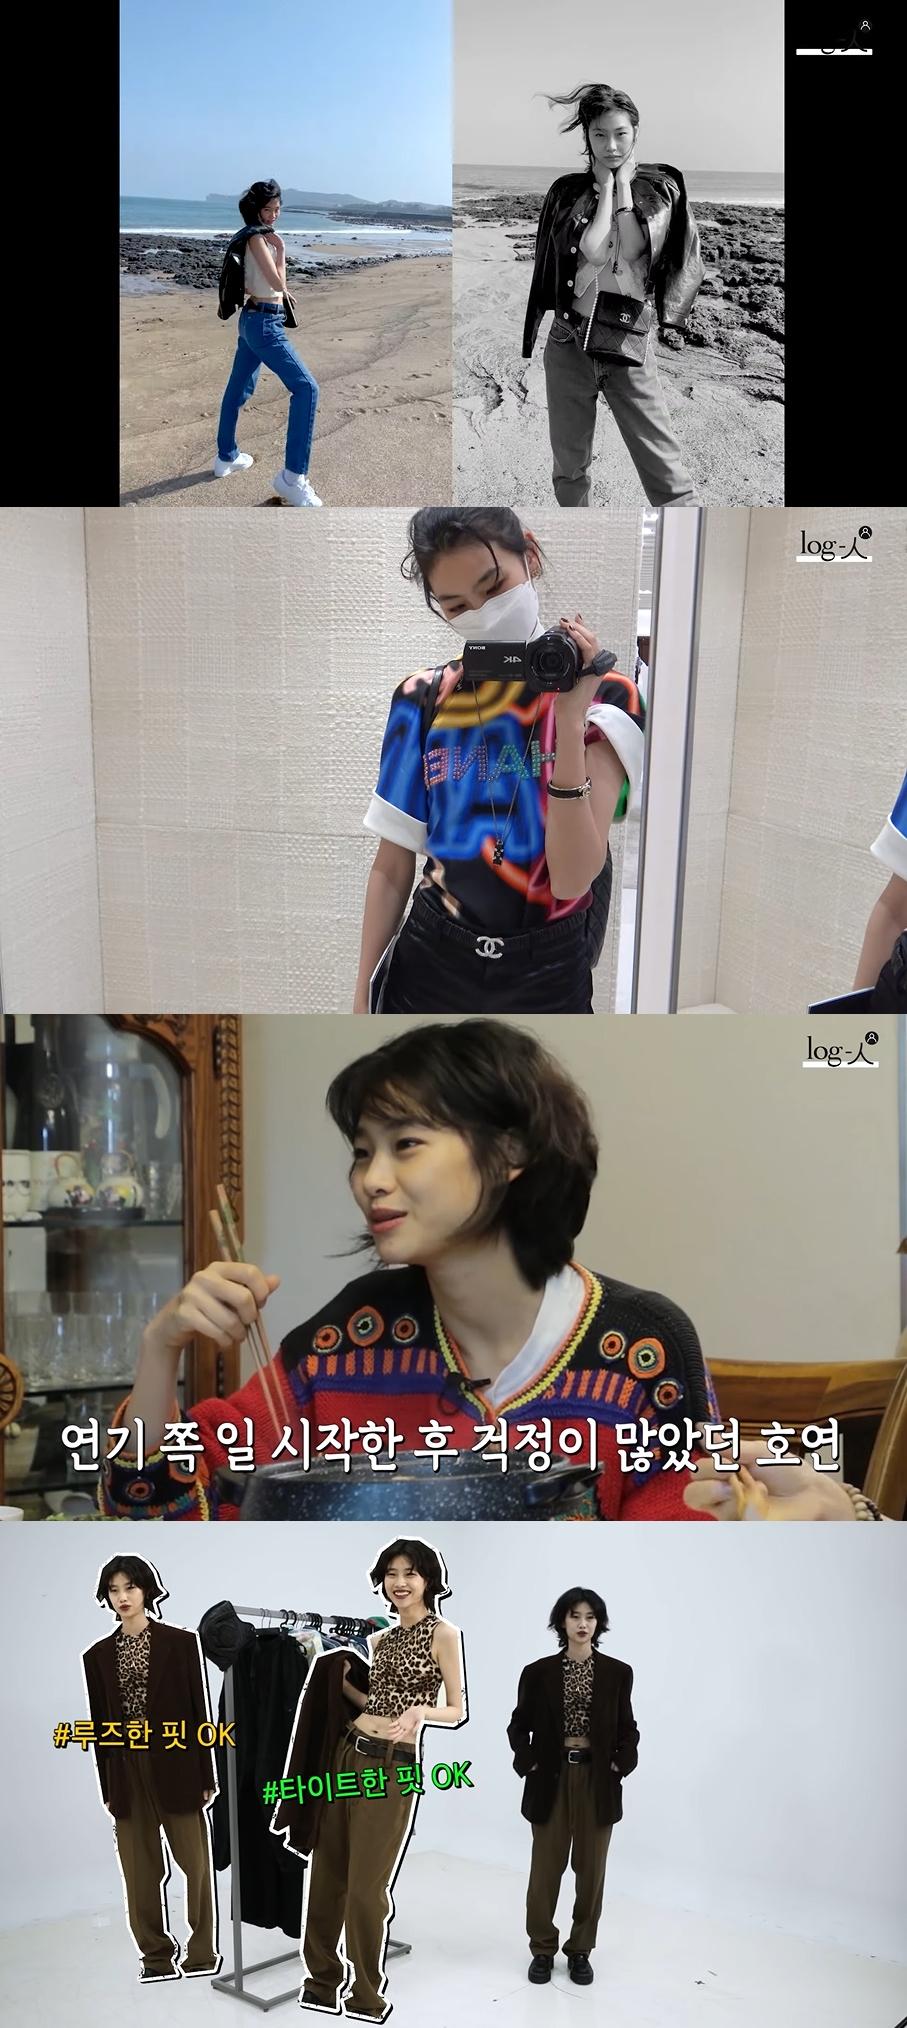 '오징어 게임' 정호연 효과, SNS 230만 팔로워 돌파...'호연앓이'